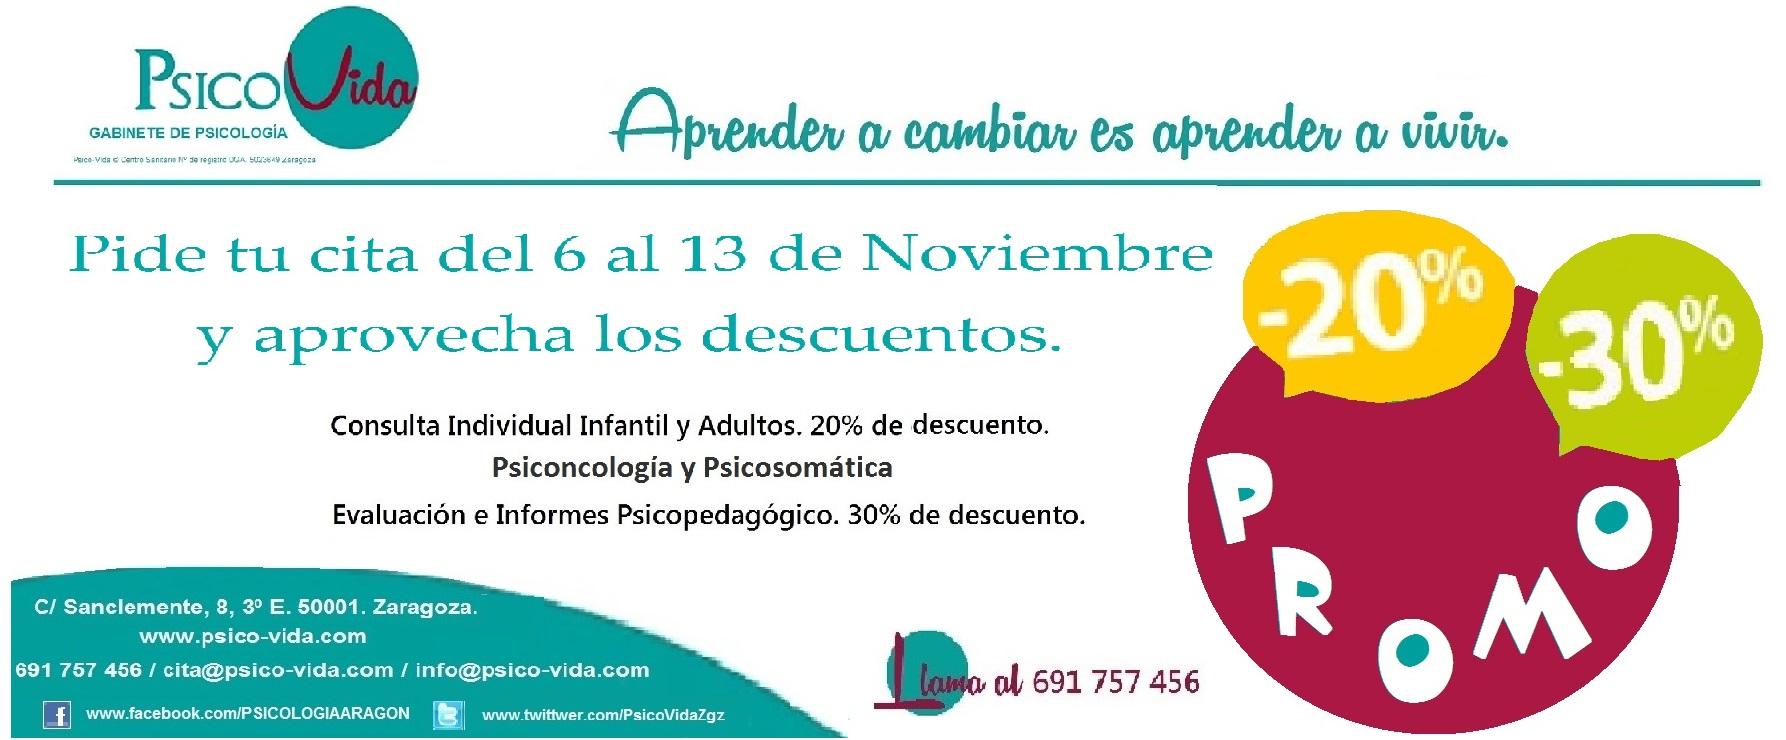 Ofertas Psicología. Solo esta semana Gabinete de Psicología Psico-Vida. Zaragoza.